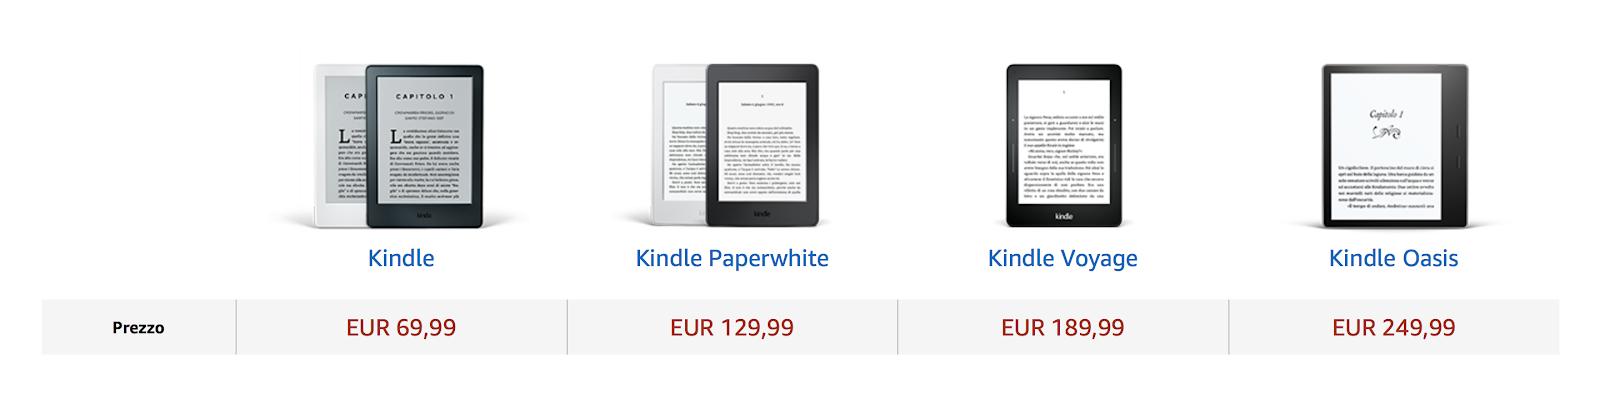 Quale Kindle acquistare nel 2018